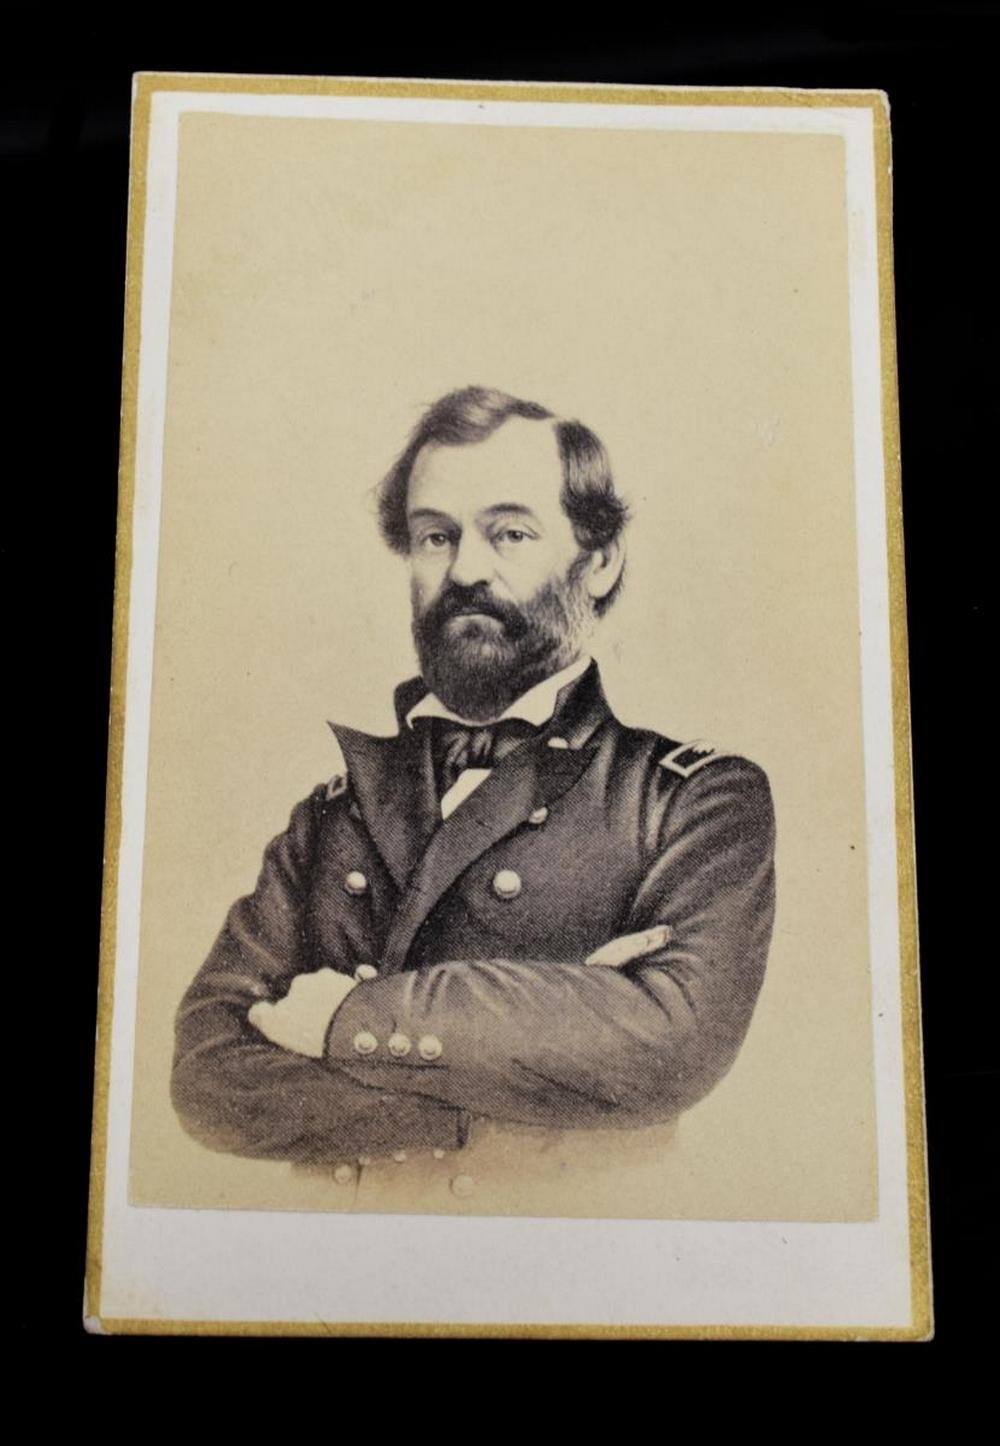 Lot 592: CIVIL WAR CDV MAJOR GENERAL. SAMUEL P. HEINTZELMAN